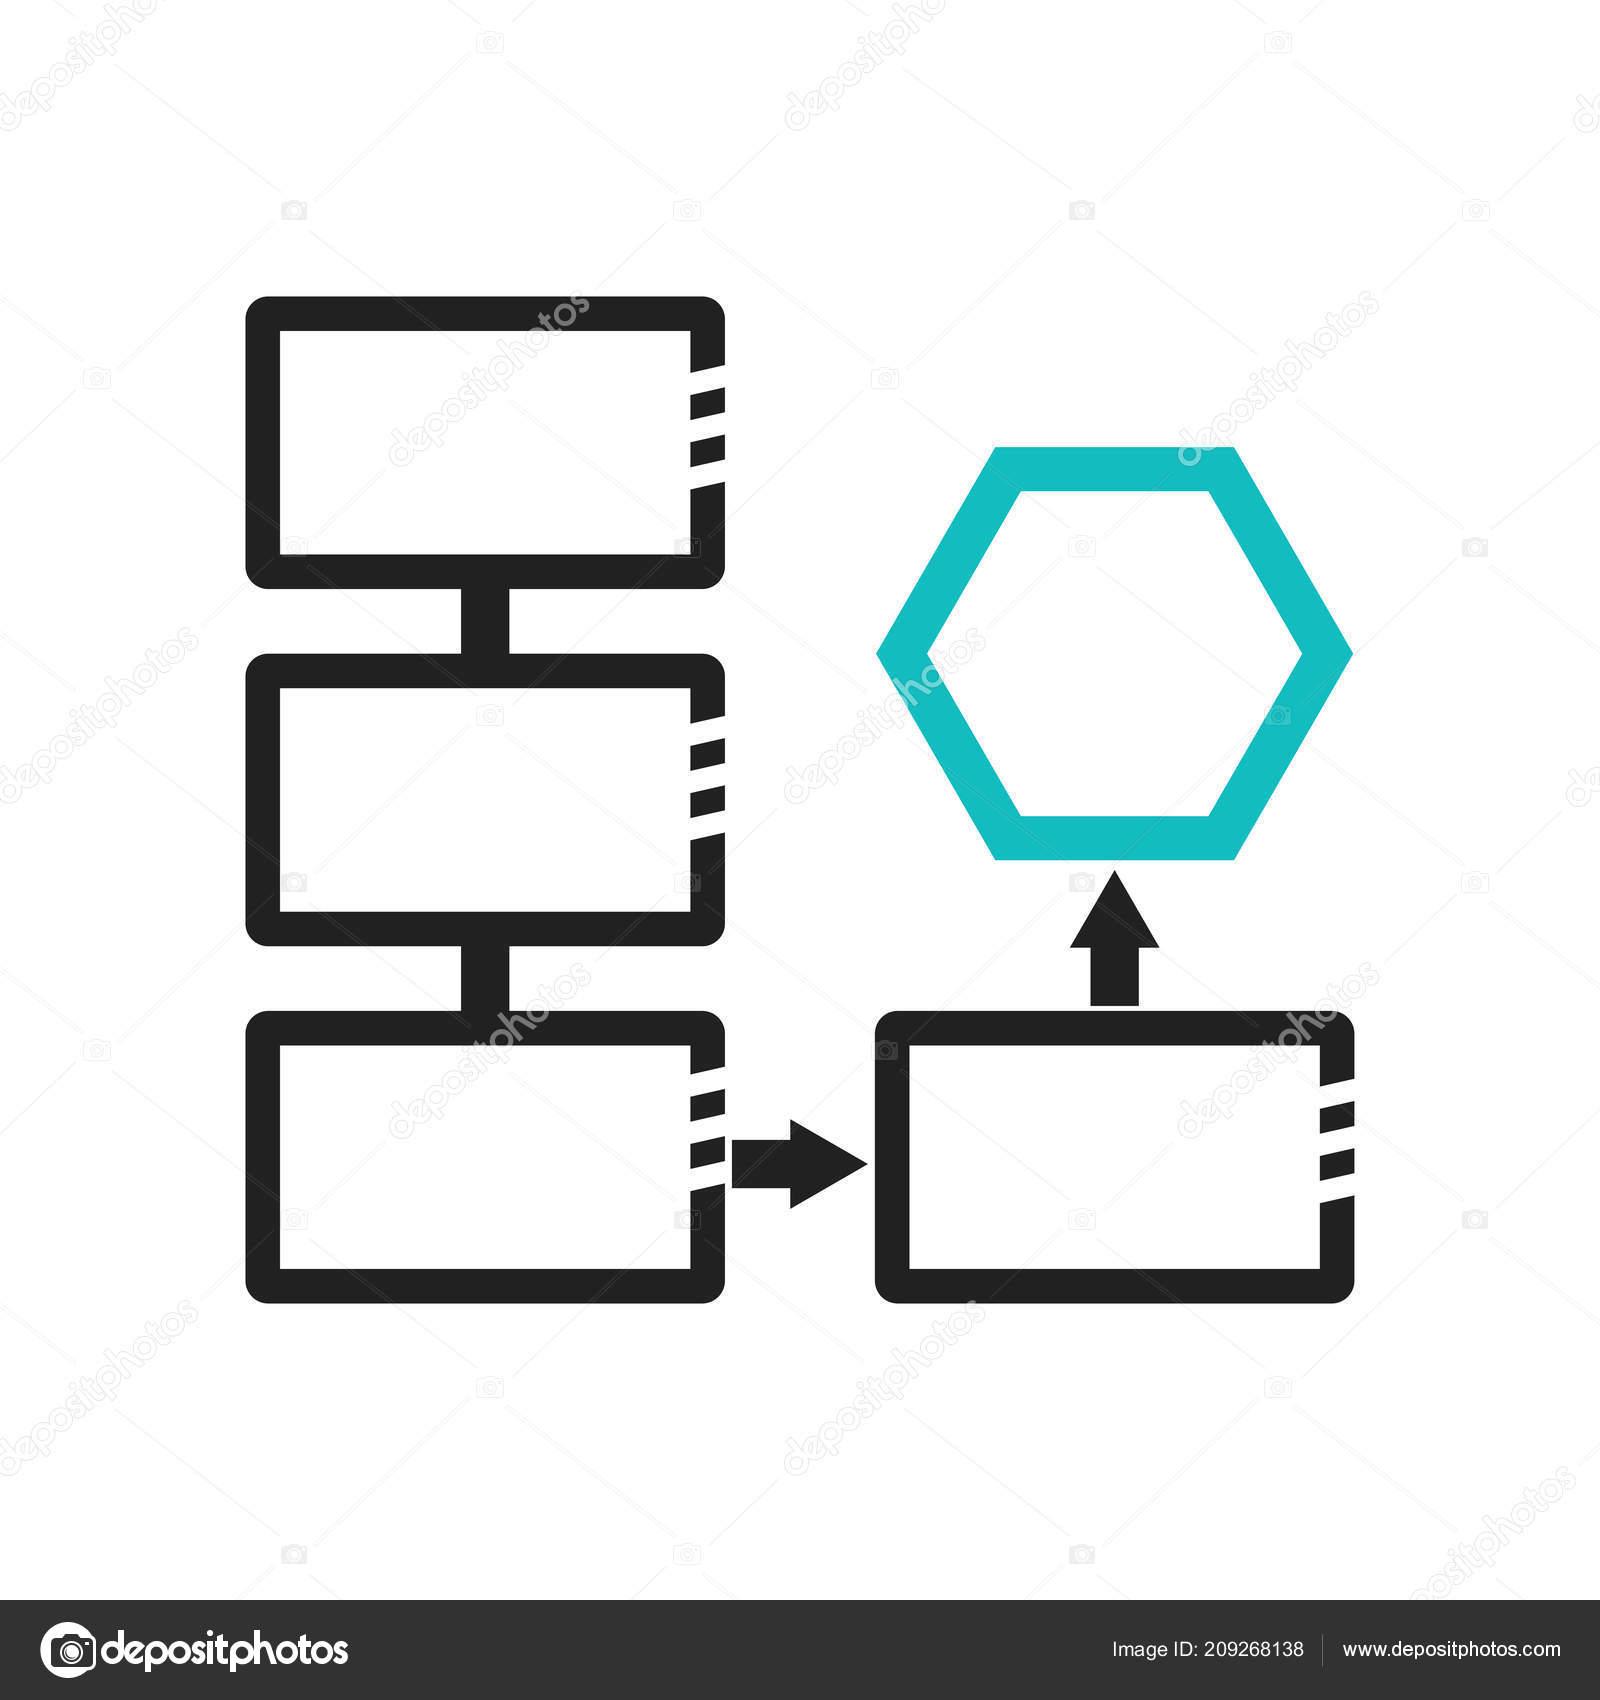 Az összekapcsolt alkalmazások listája